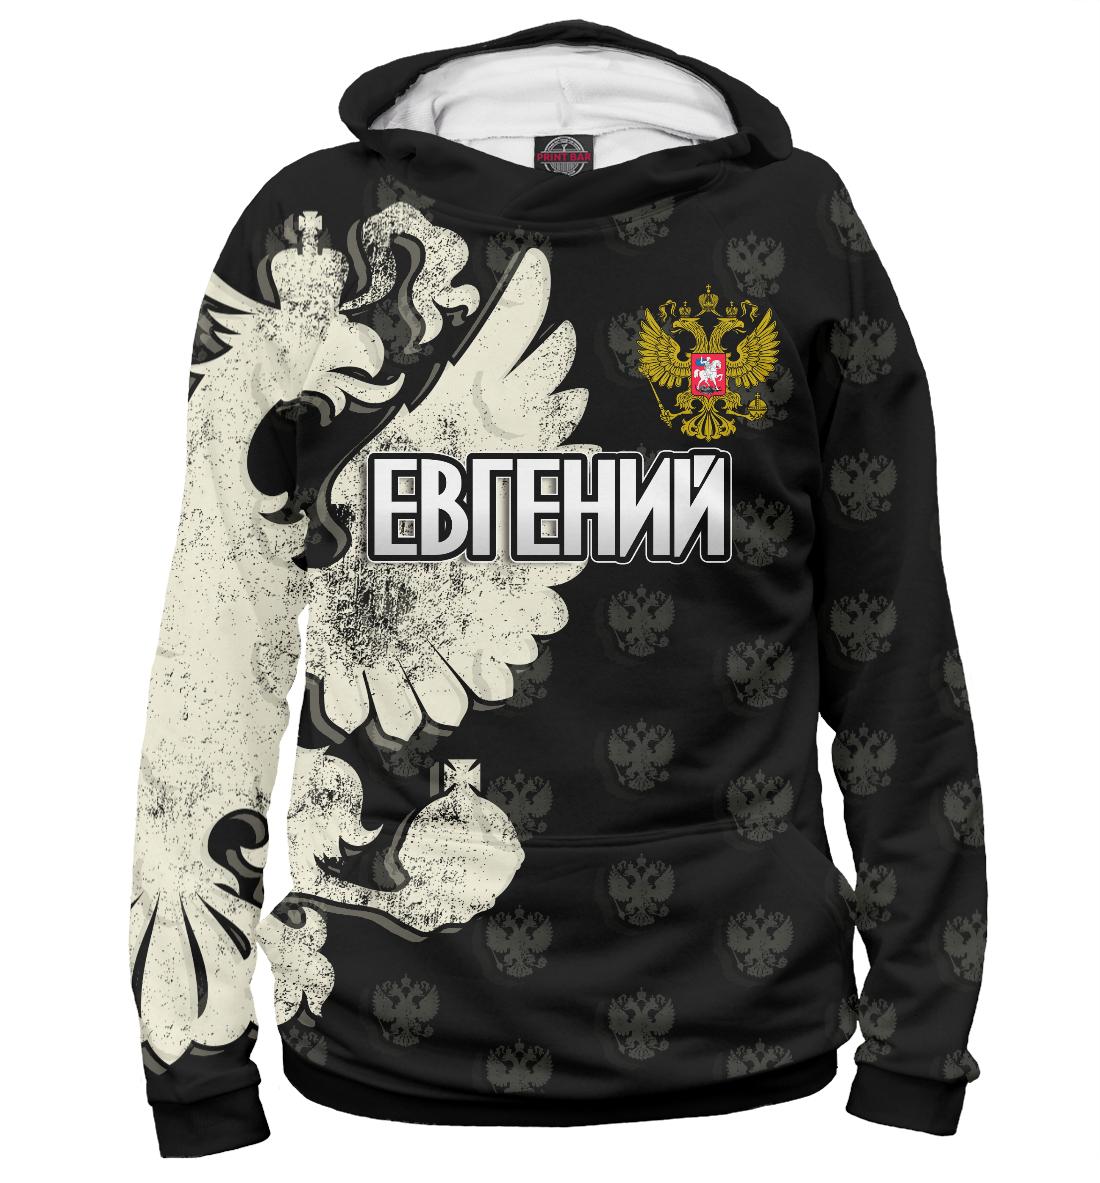 Купить Герб Евгений, Printbar, Худи, EVG-540313-hud-2